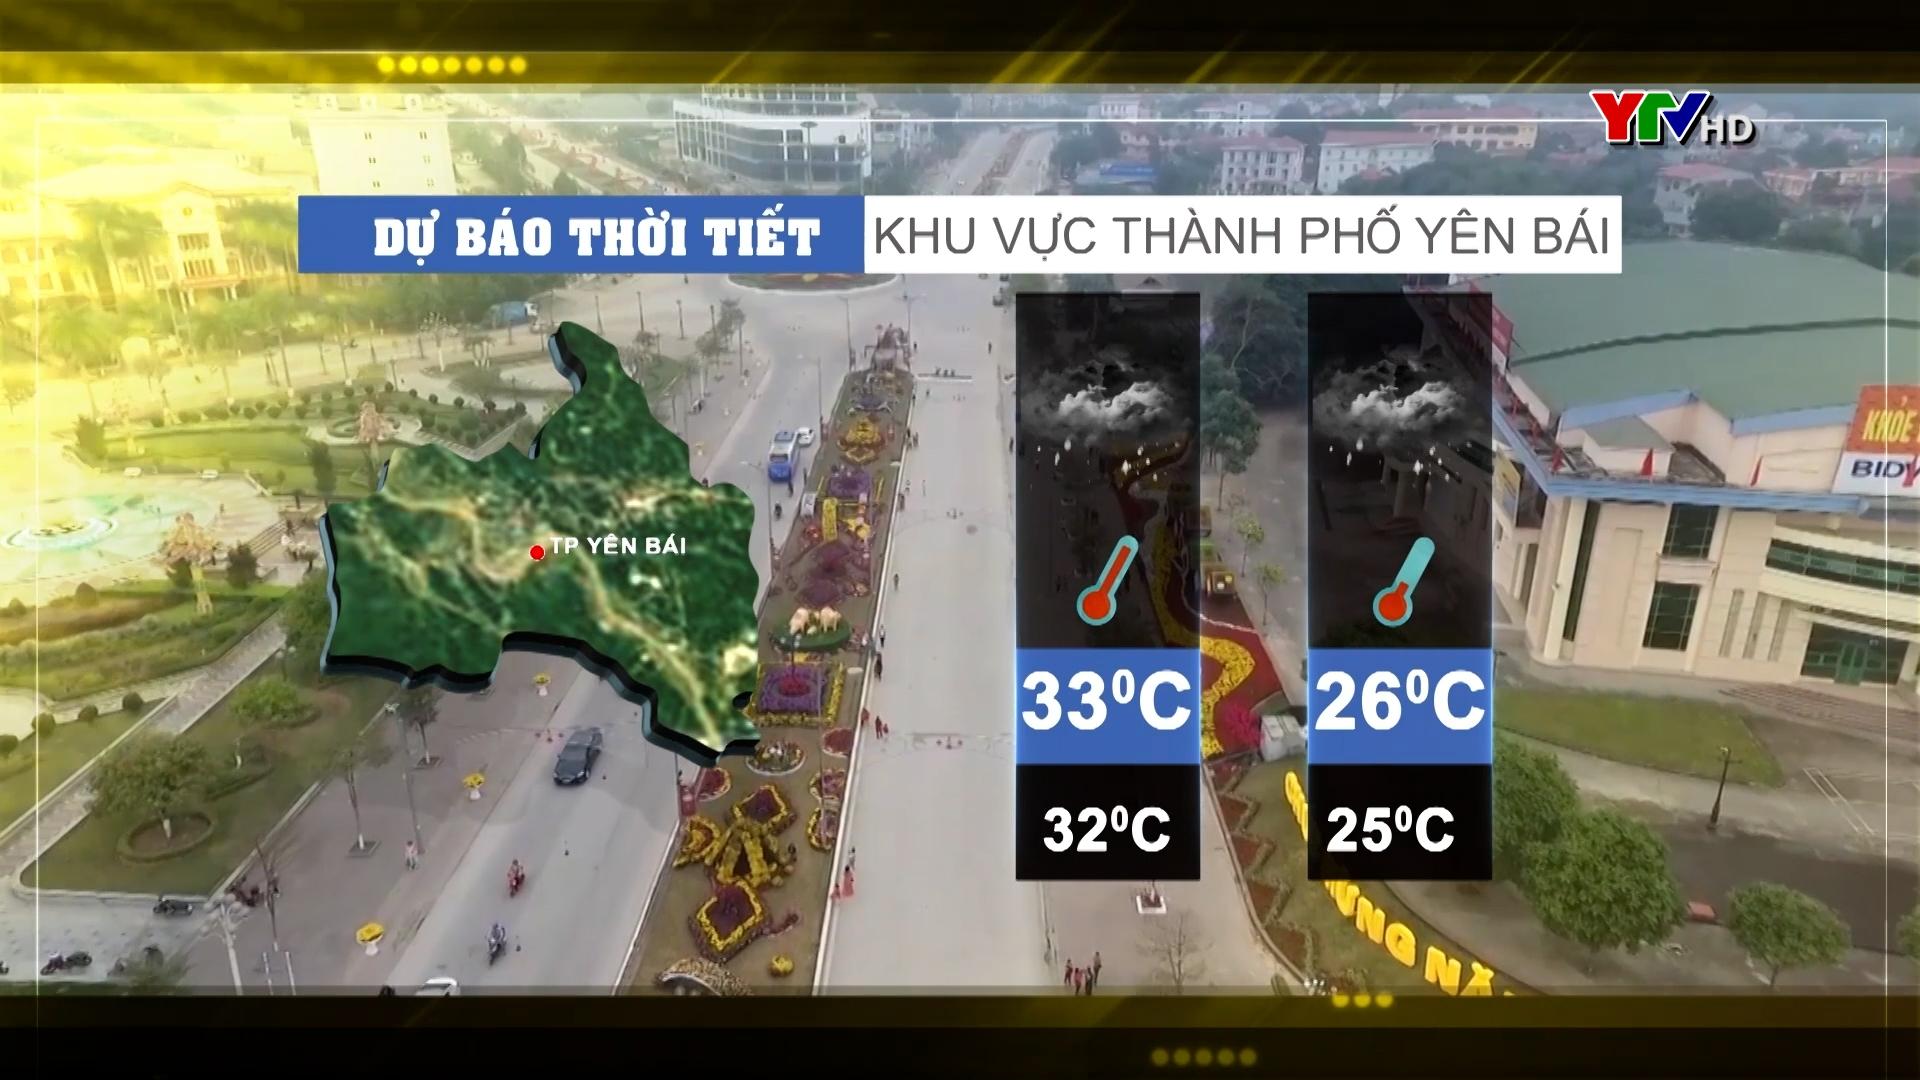 Dự báo thời tiết ngày 1 tháng 10 năm 2021